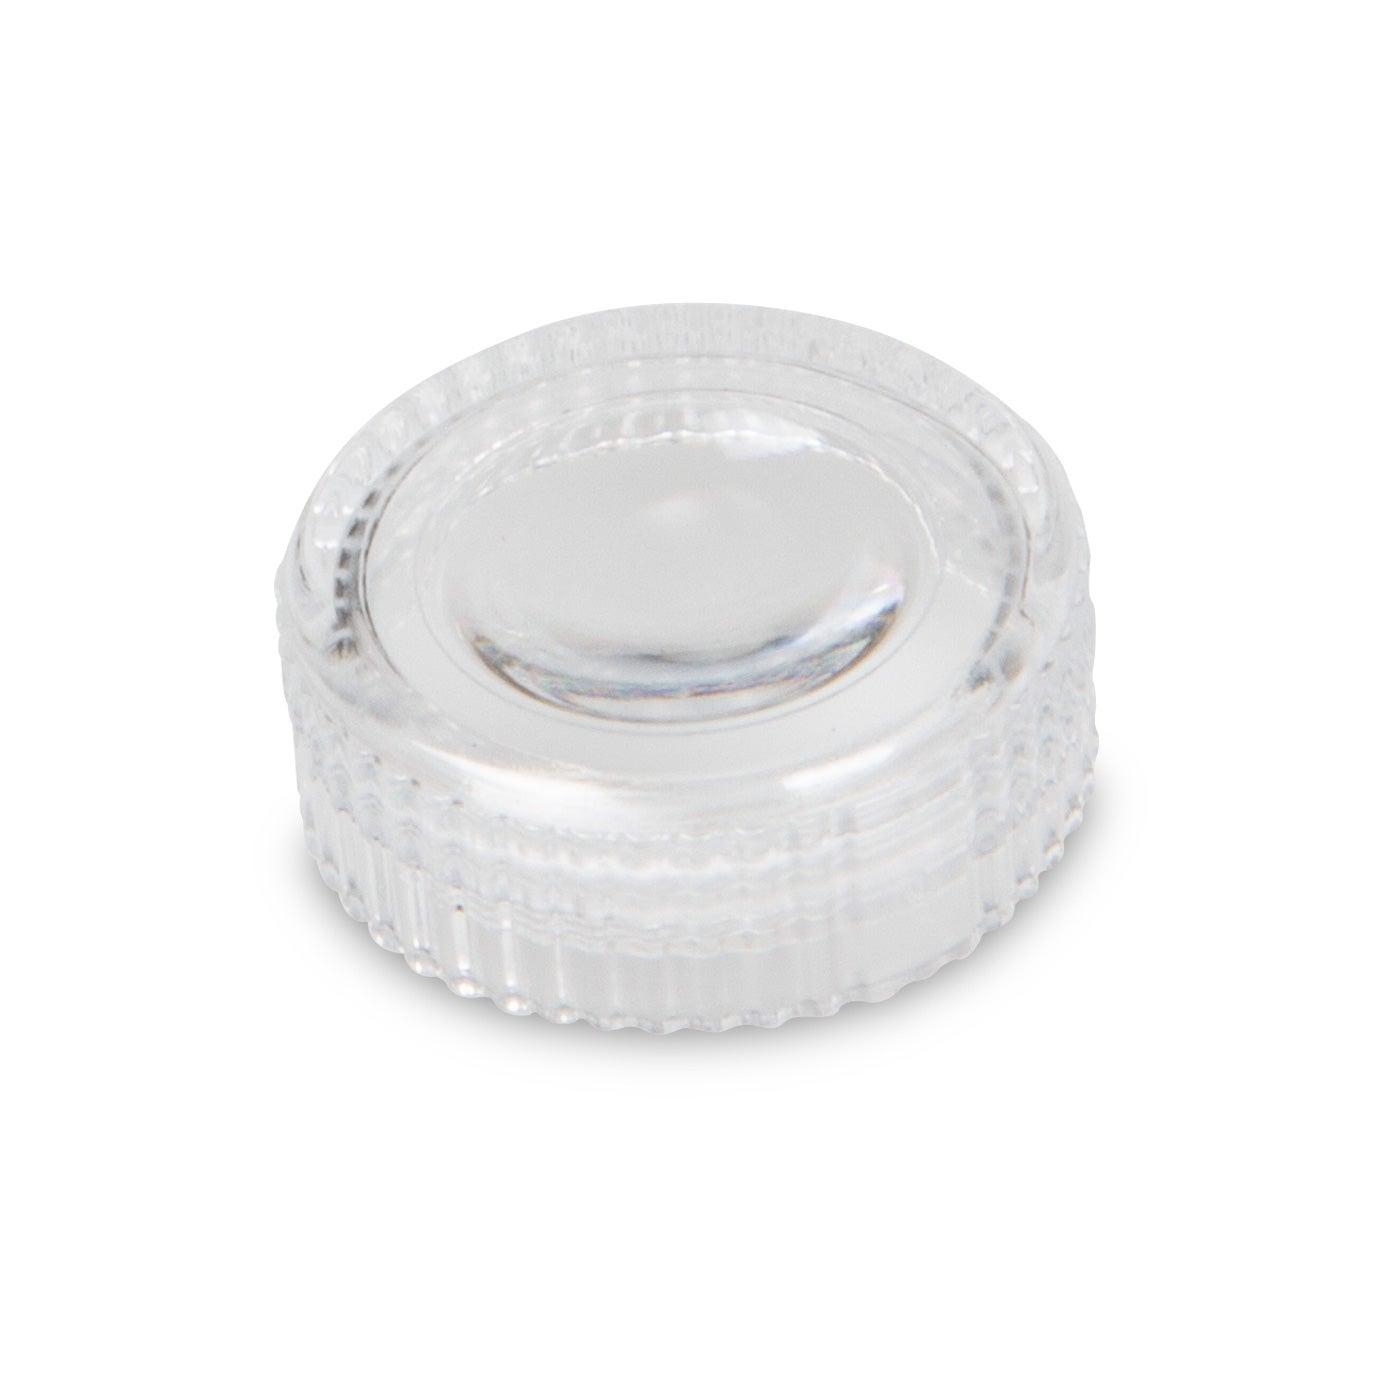 Flashlite Magna 4.0 Lens Cap Cover